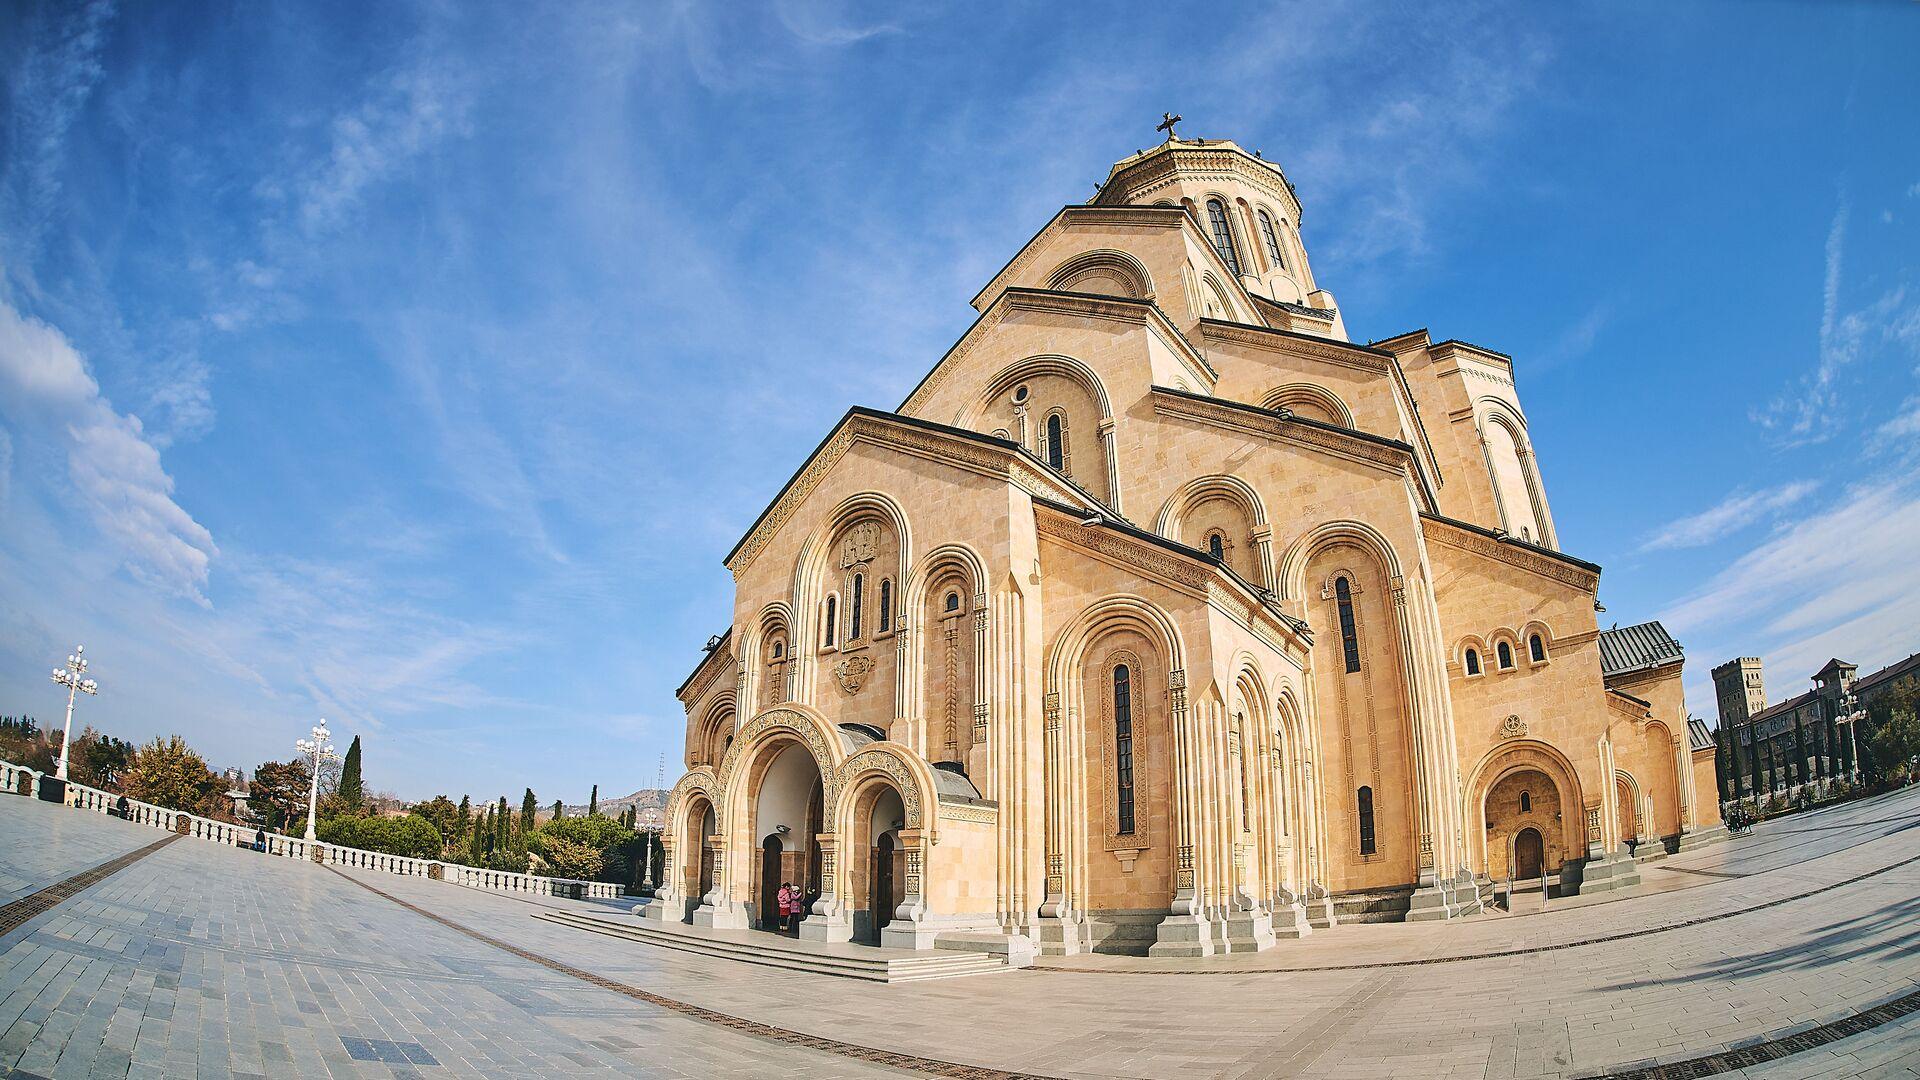 Собор Святой Троицы - Самеба в солнечный день - Sputnik Грузия, 1920, 02.09.2021